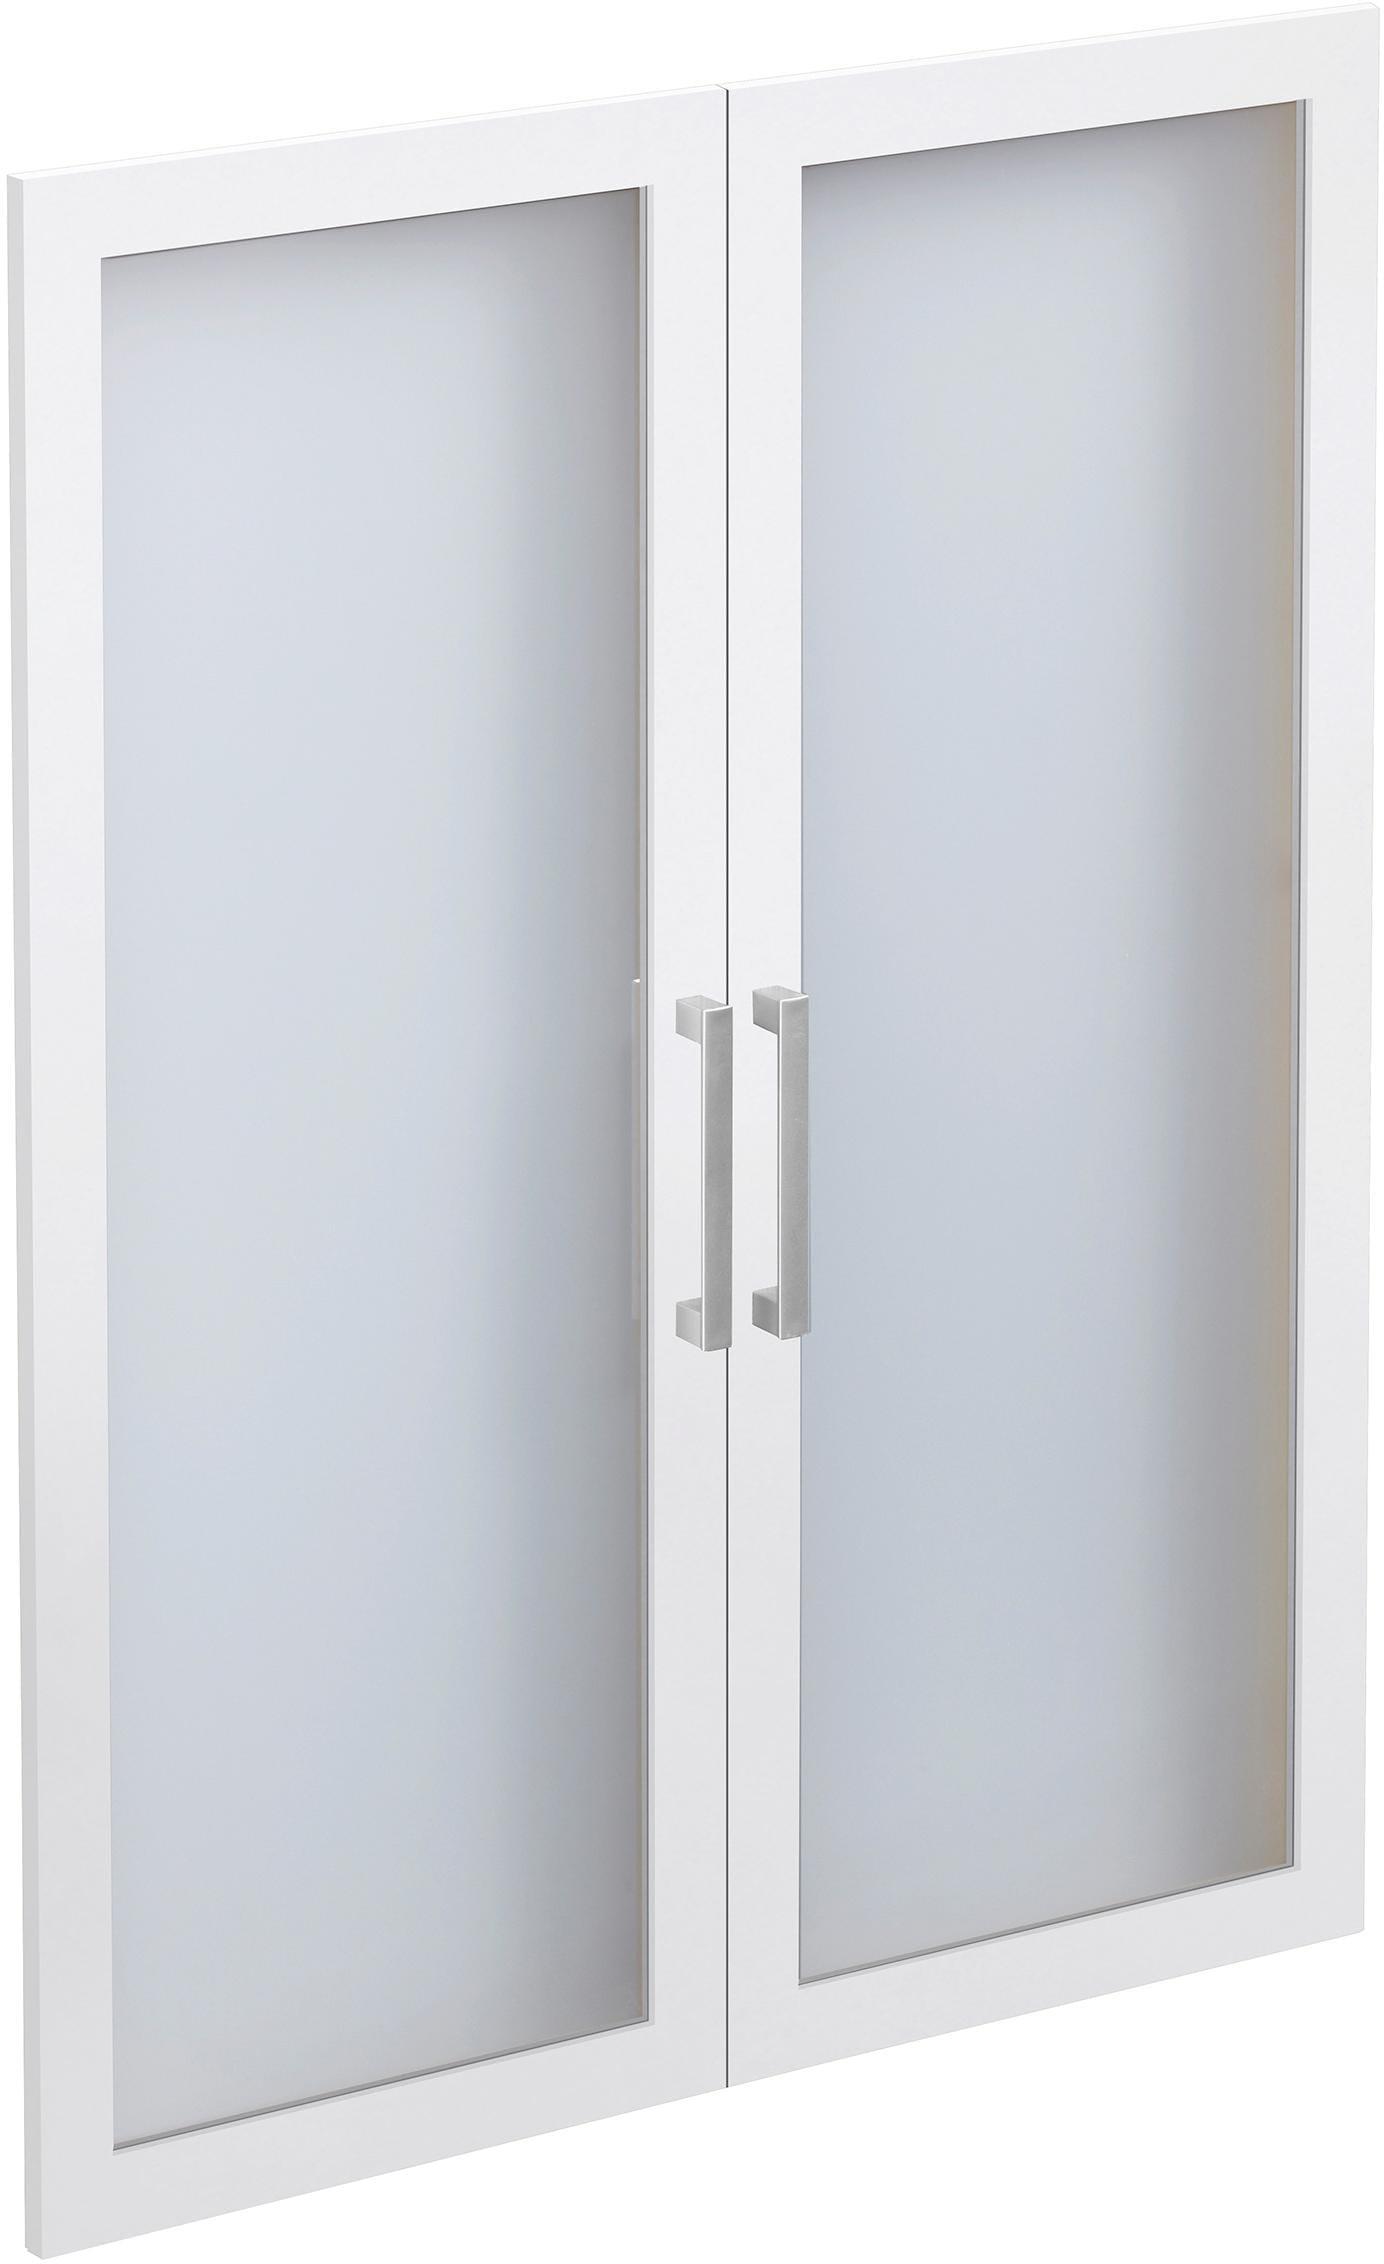 FMD Glastüren-Set »Calvi« | Wohnzimmer > Vitrinen > Glasvitrinen | Weiß | Kunststoff - Melamin | QUELLE